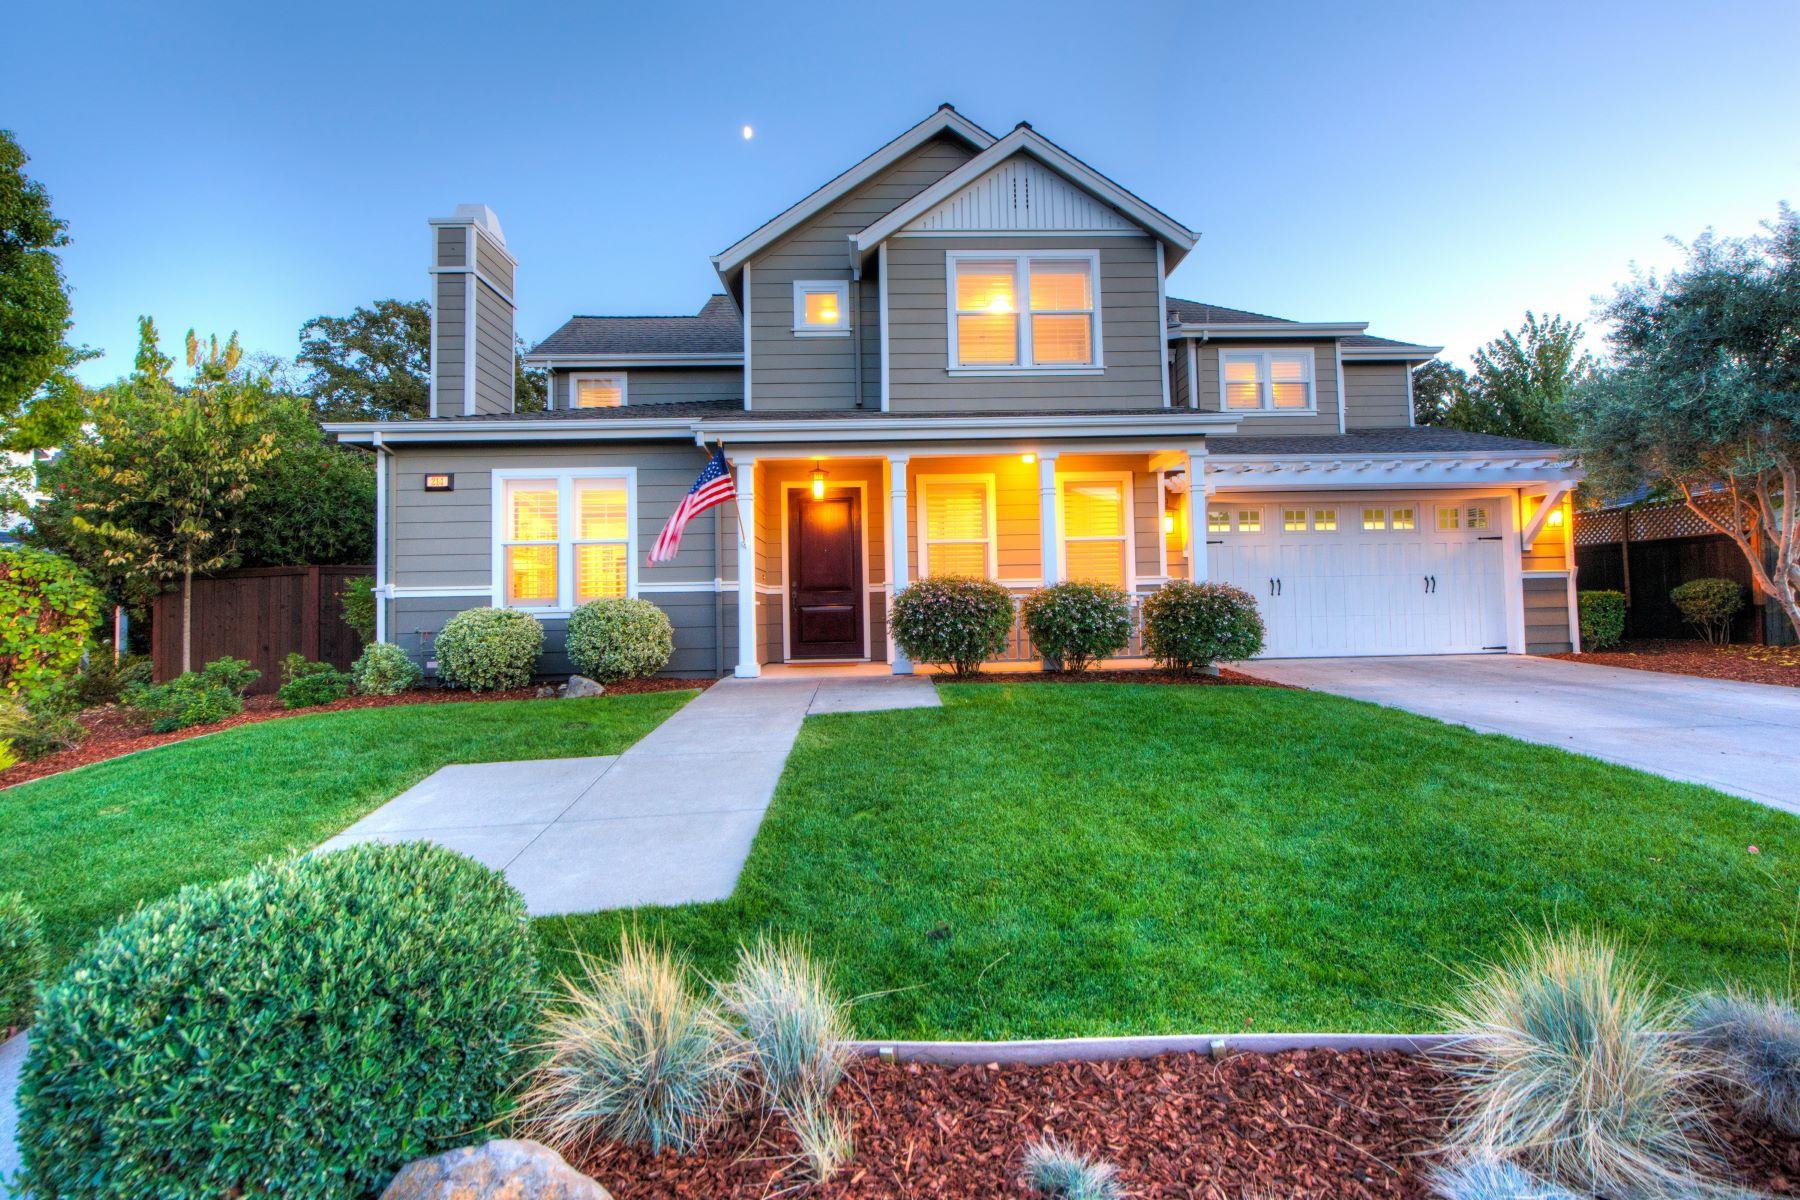 Vivienda unifamiliar por un Venta en Beautiful Solar and Green Home on Half Acre 214 Club Drive, Novato, California, 94945 Estados Unidos